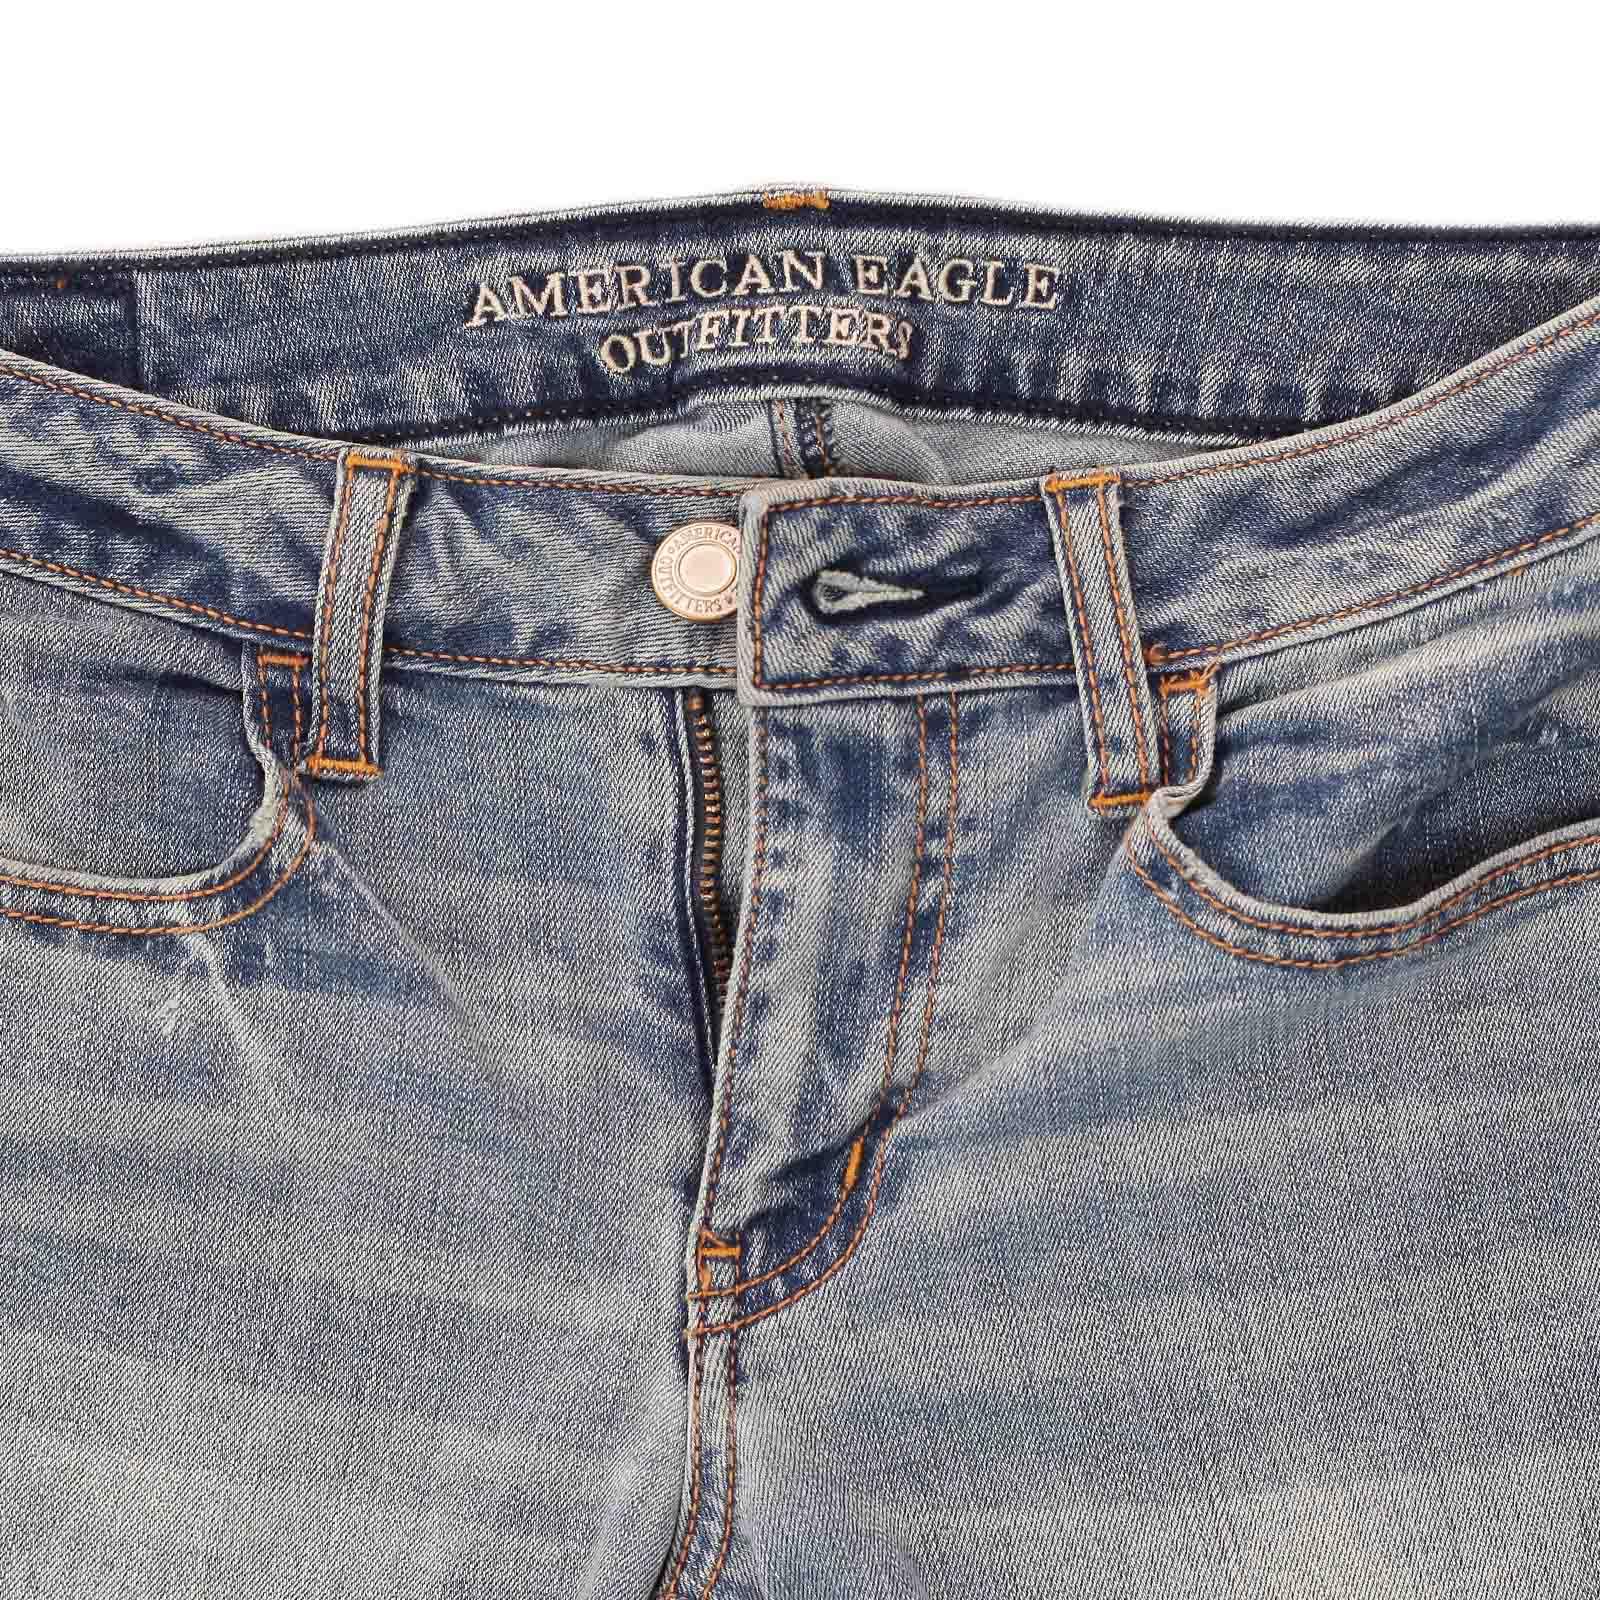 Топовые джинсовые бриджики от American Eagle®, будь неотразимой дерзкой и сексуальной этим летом! по лучшей цене